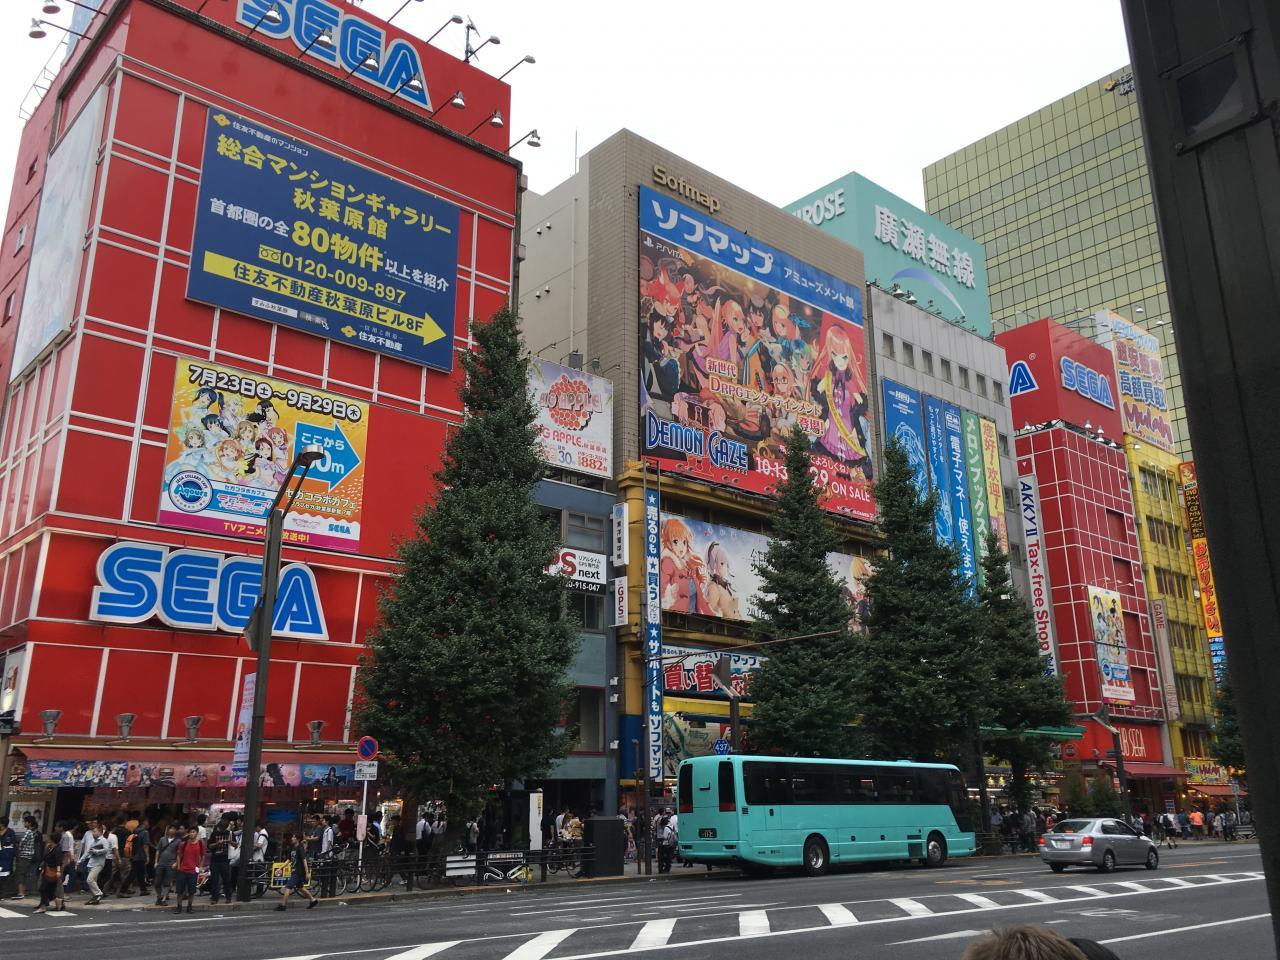 160911_28827_akihabara_1280_960.JPG